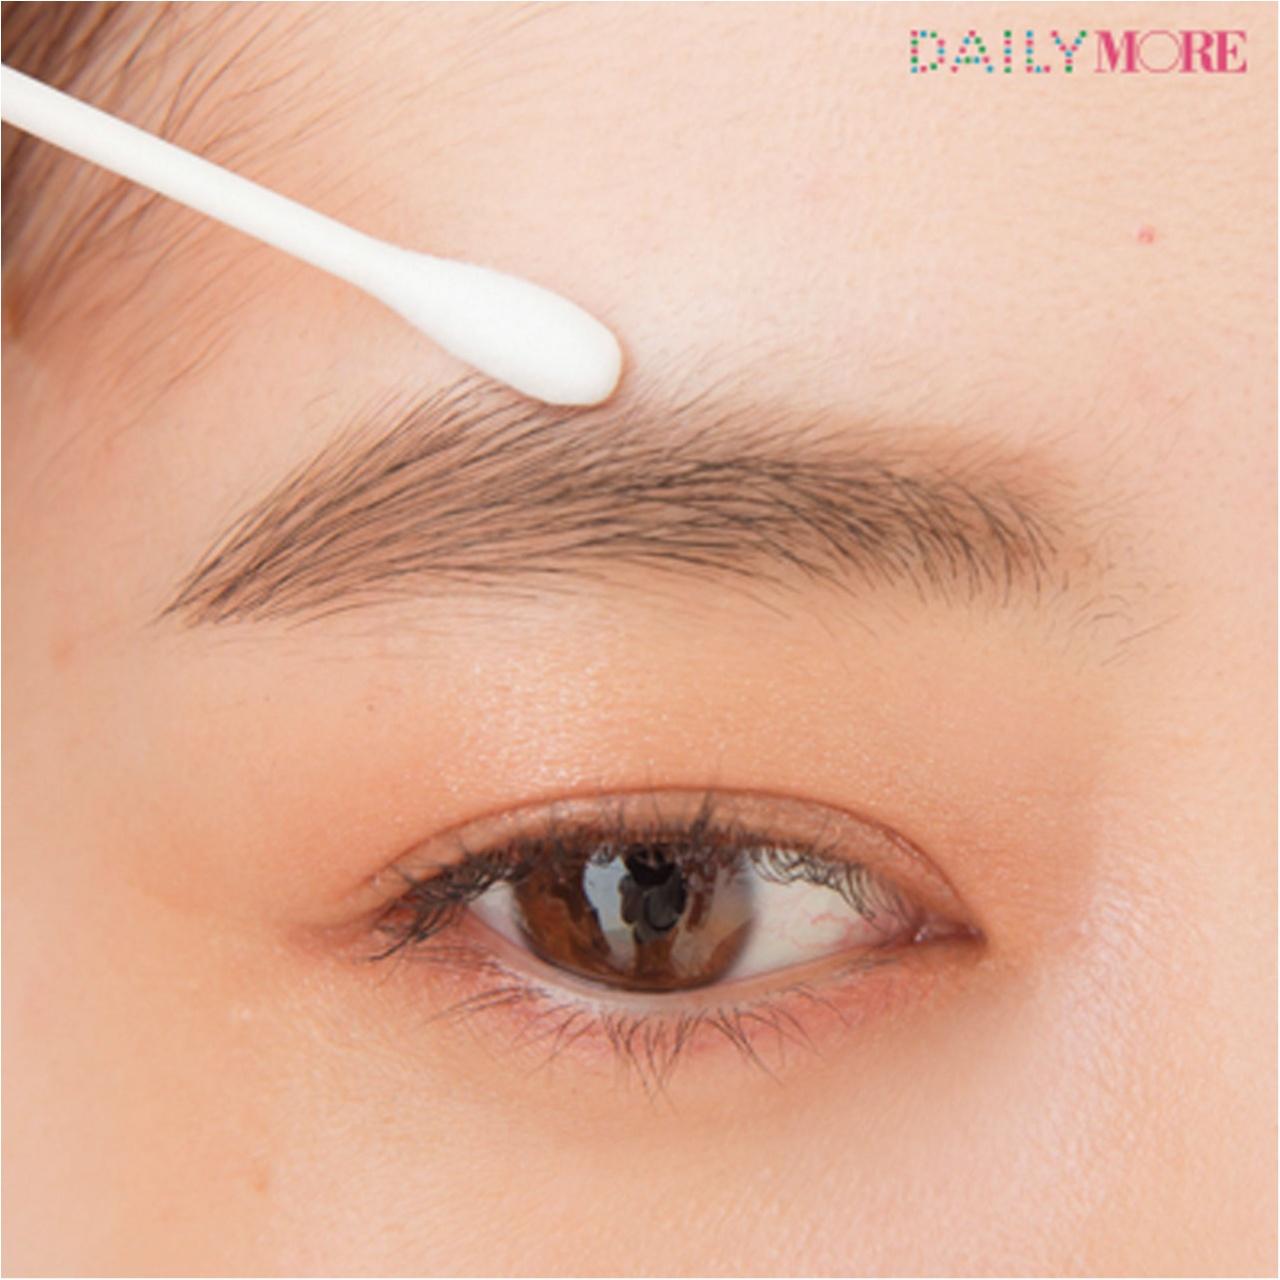 平行眉メイク特集 - 眉毛の形の整え方、描き方のポイントまとめ_38